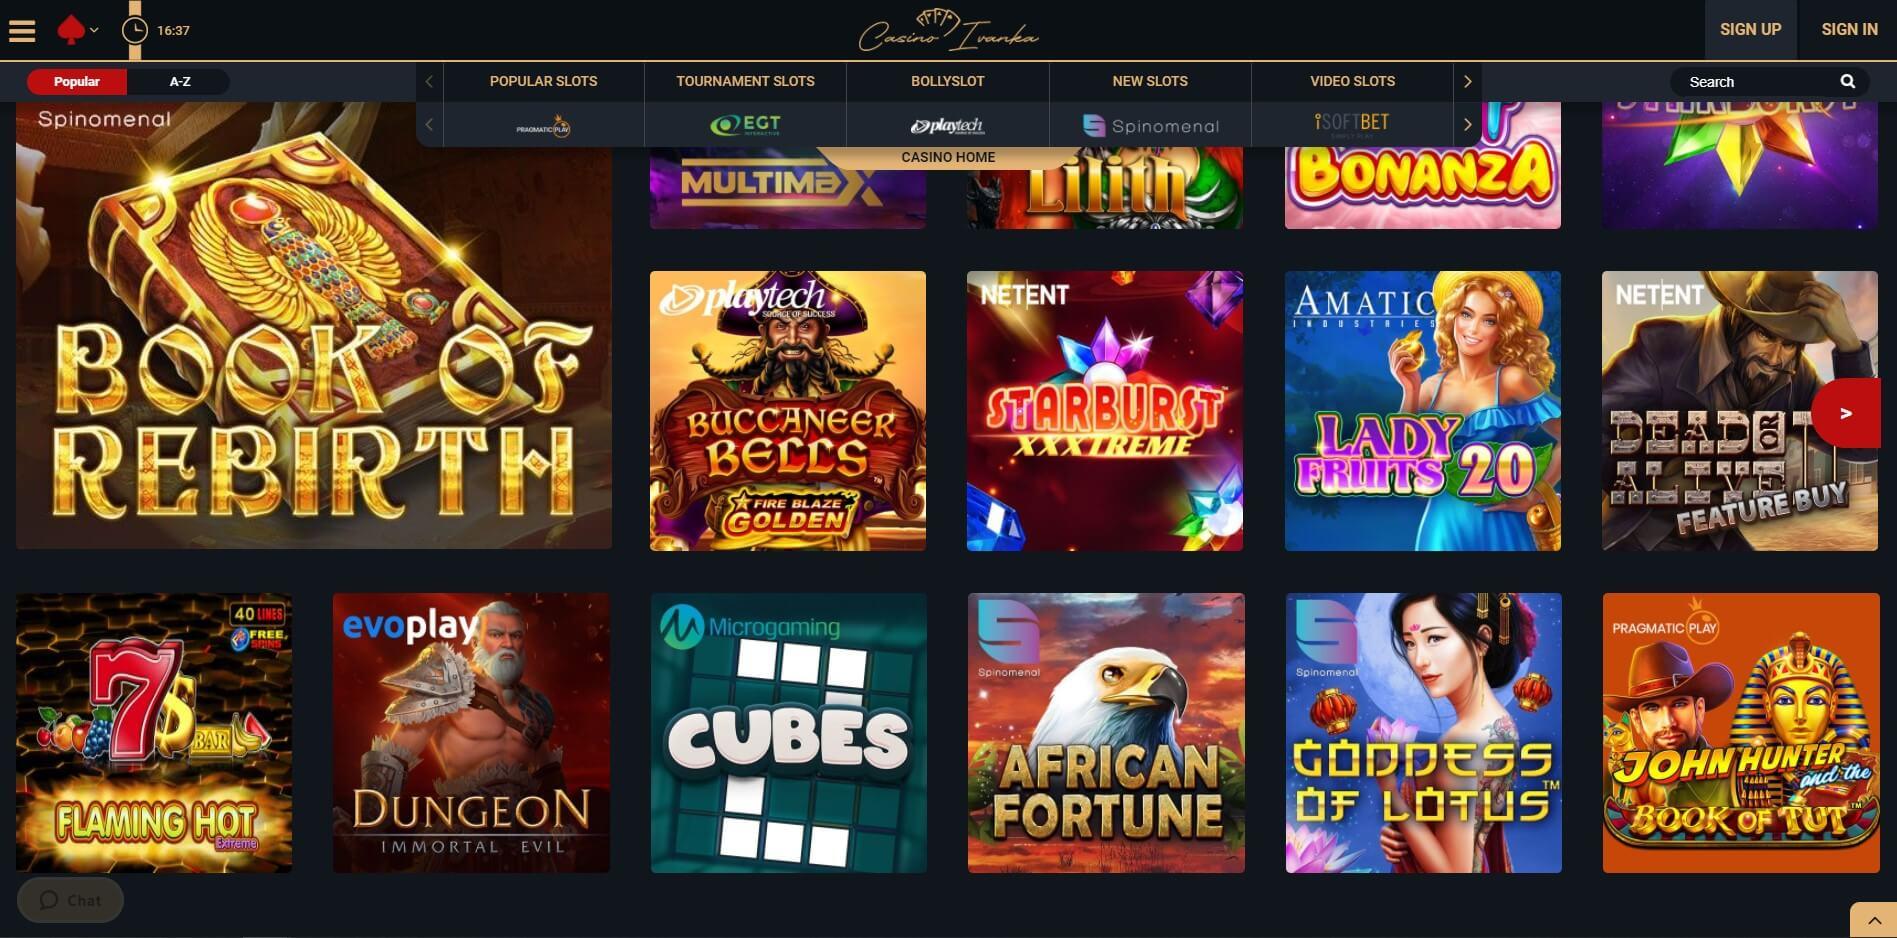 Games at Ivanka Casino